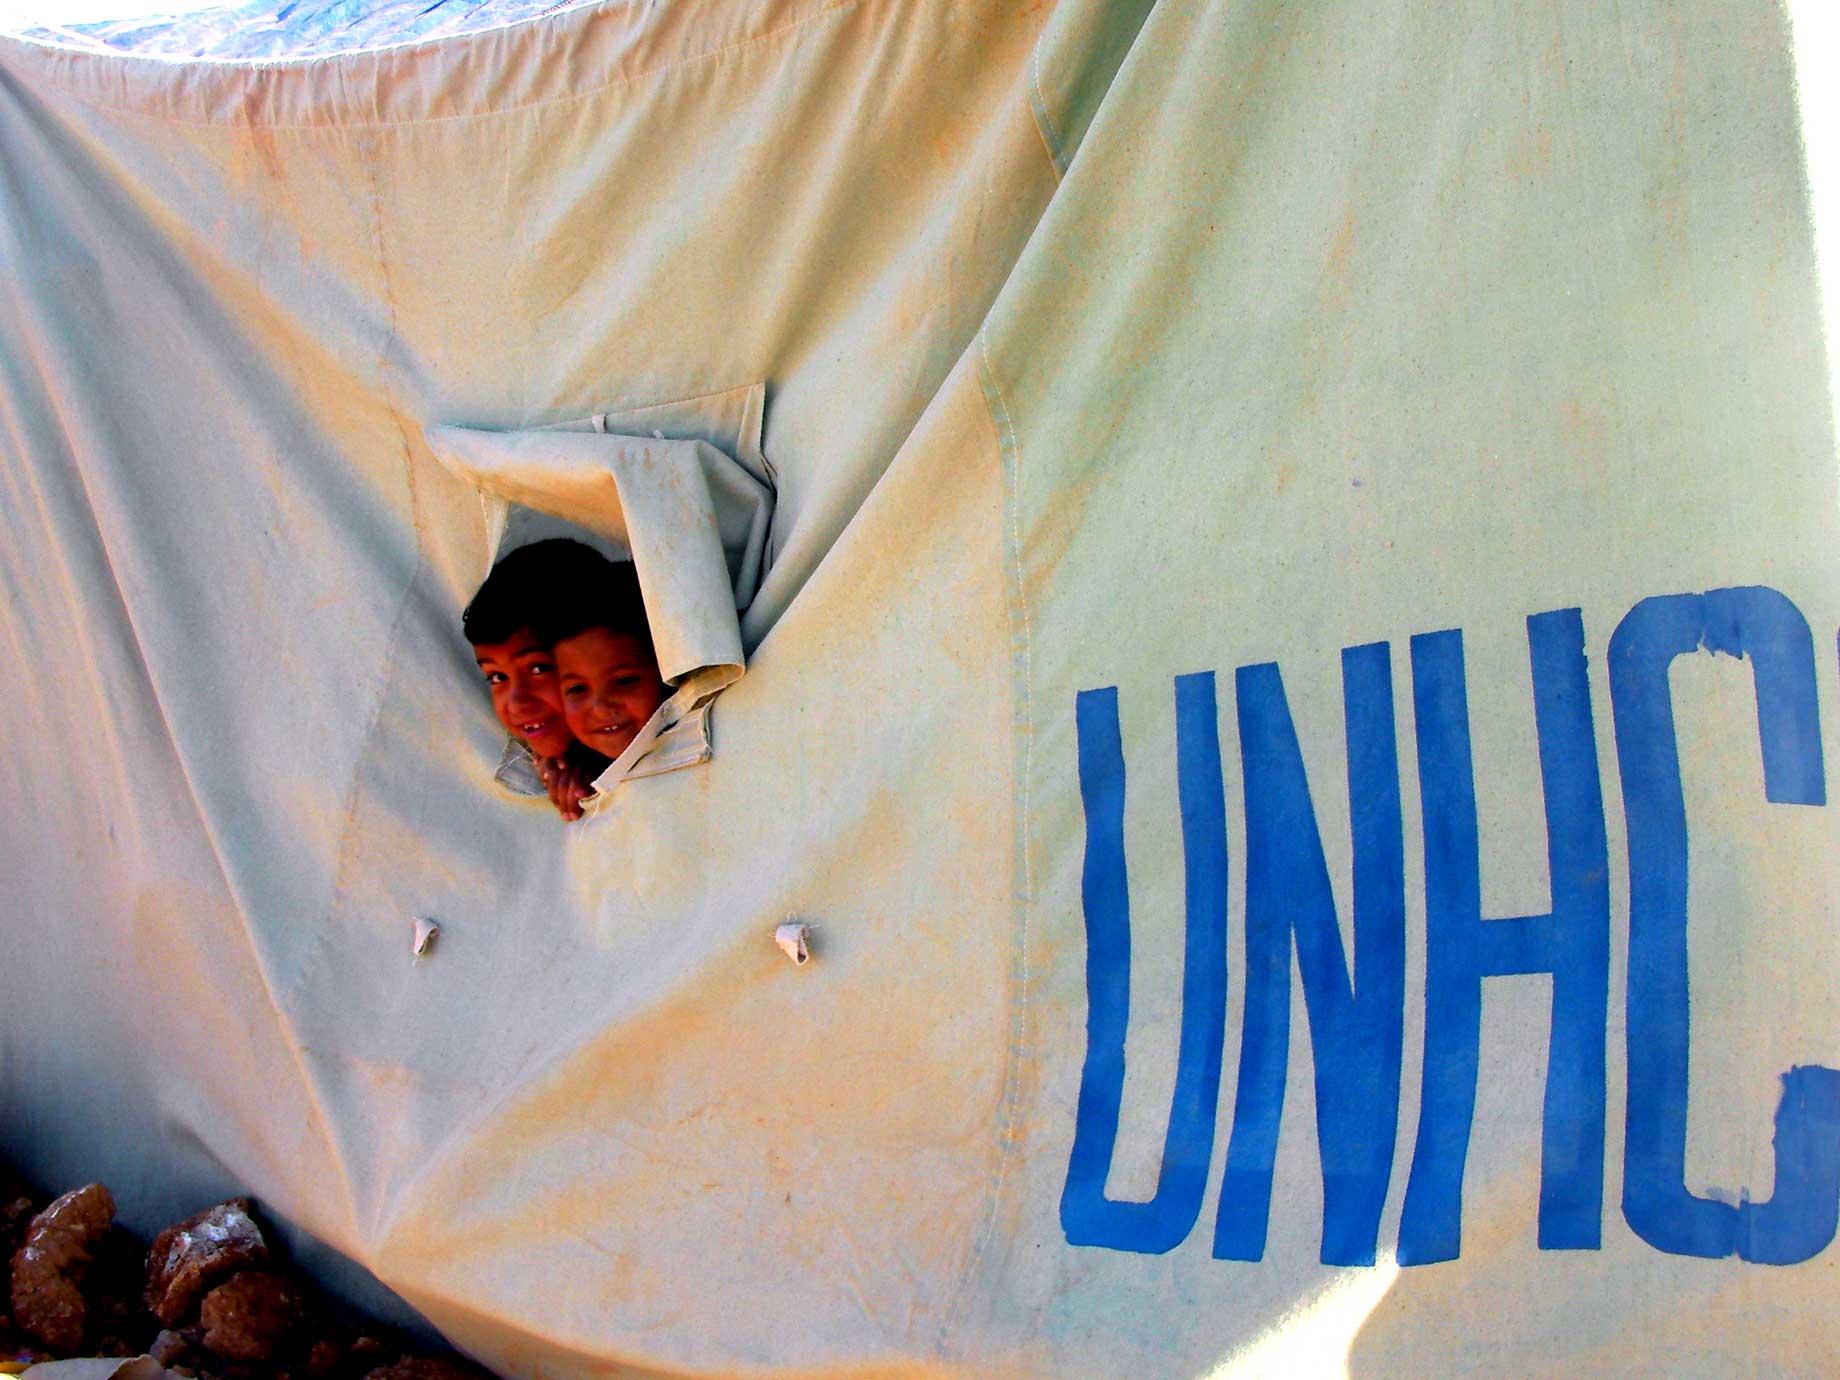 難民キャンプ訪問 その2(シリア・イラク国境)_f0155297_723357.jpg